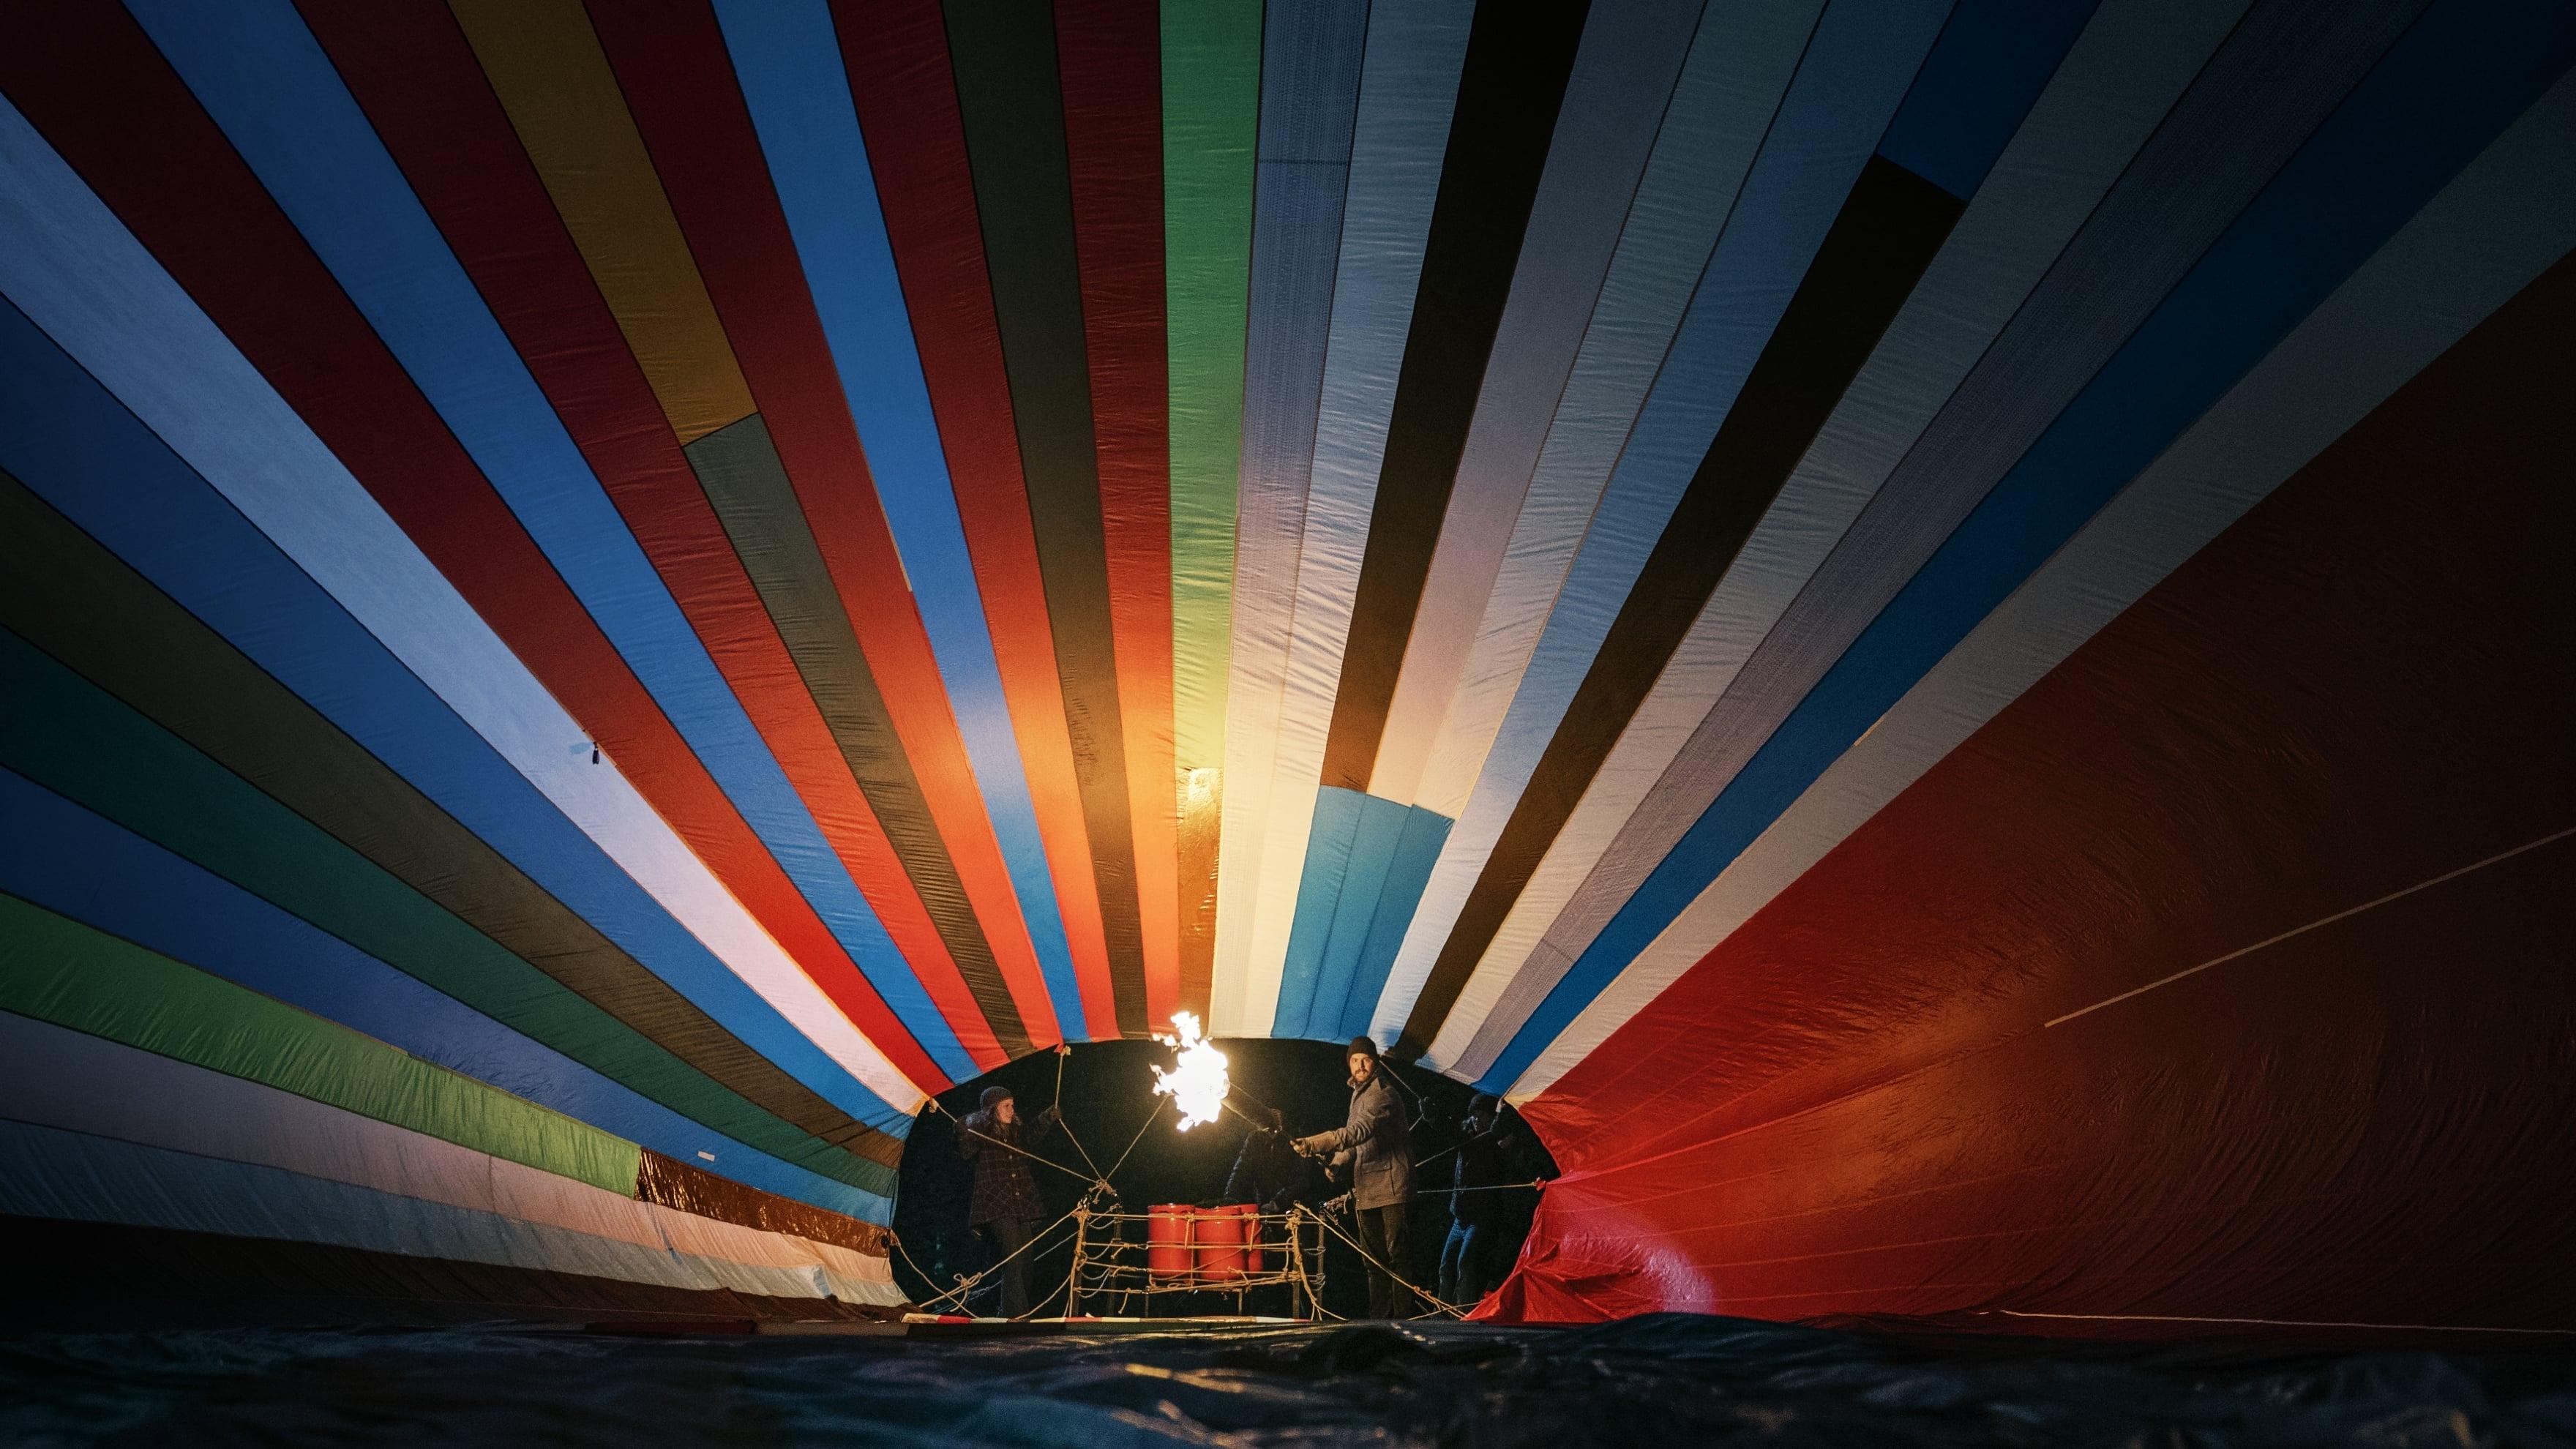 Ballon Imdb